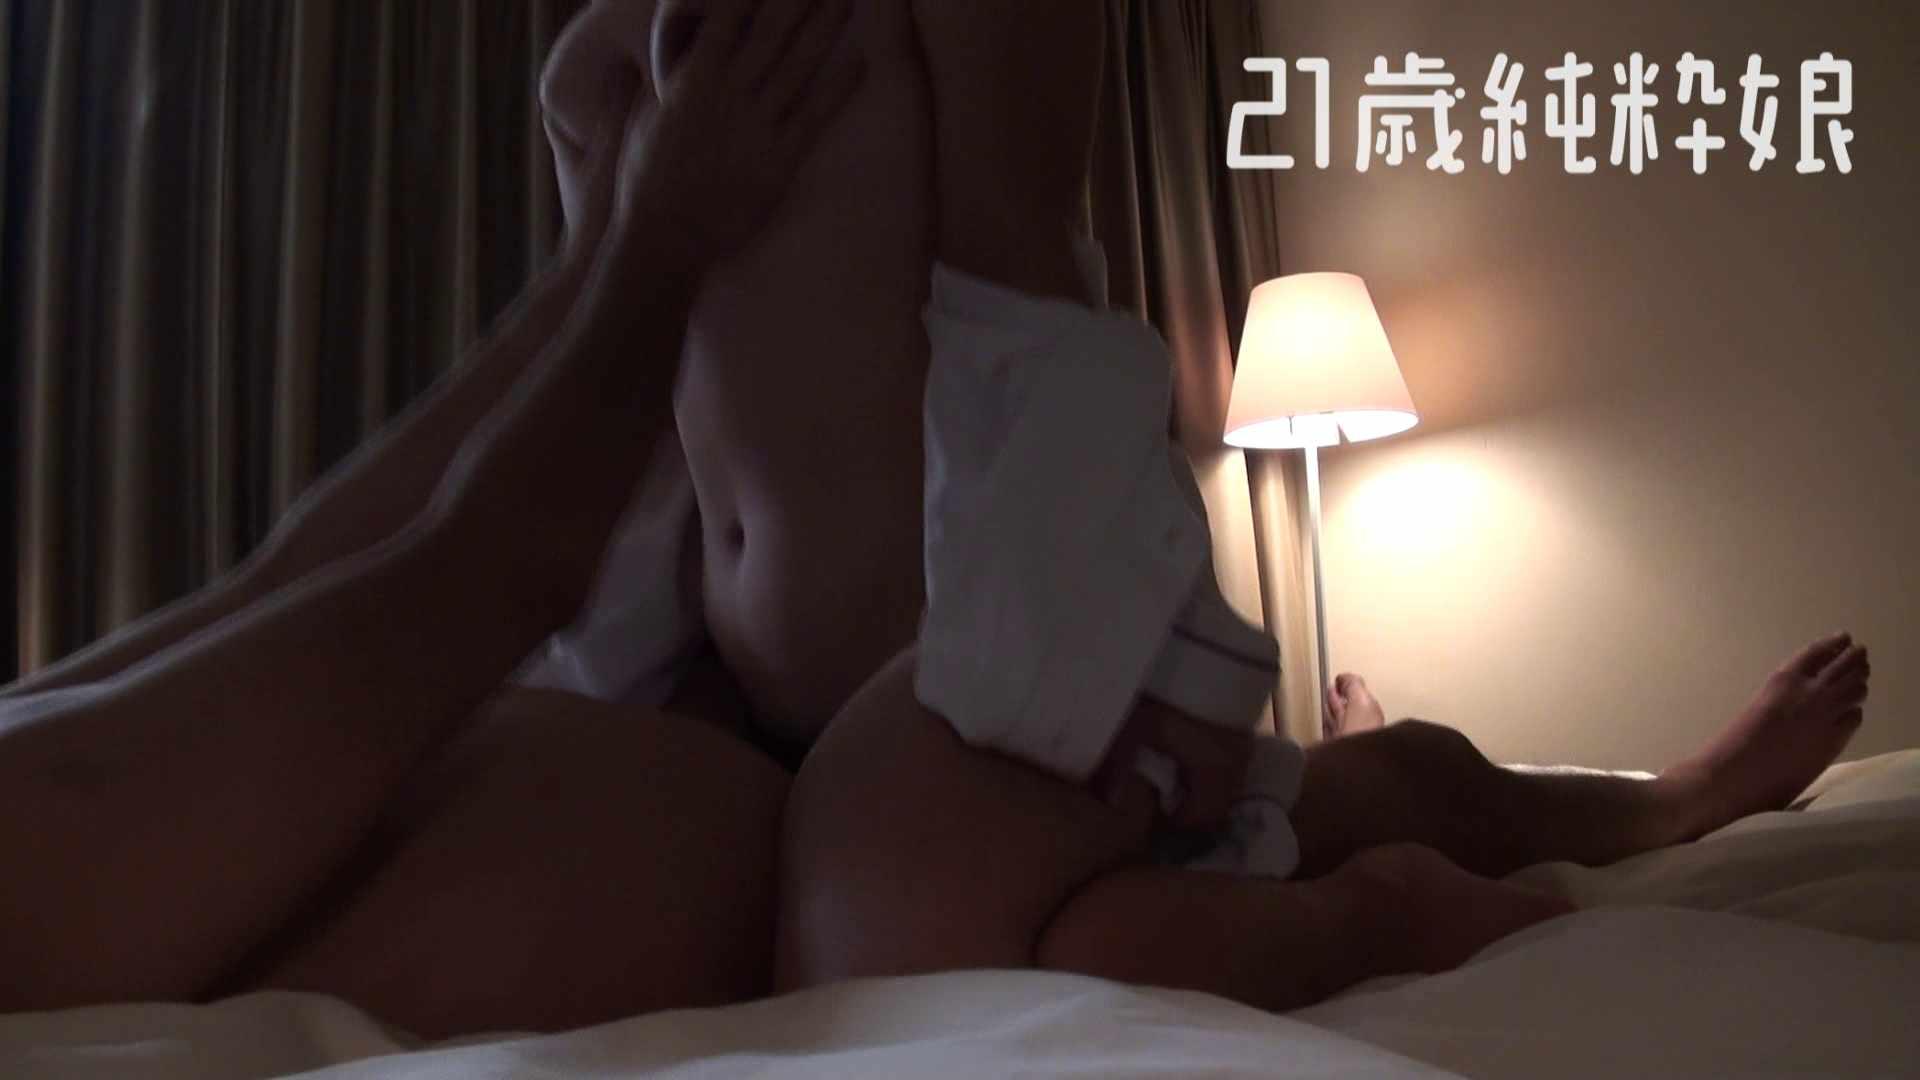 上京したばかりのGカップ21歳純粋嬢を都合の良い女にしてみた2 一般投稿 | オナニー覗き見  102pic 81